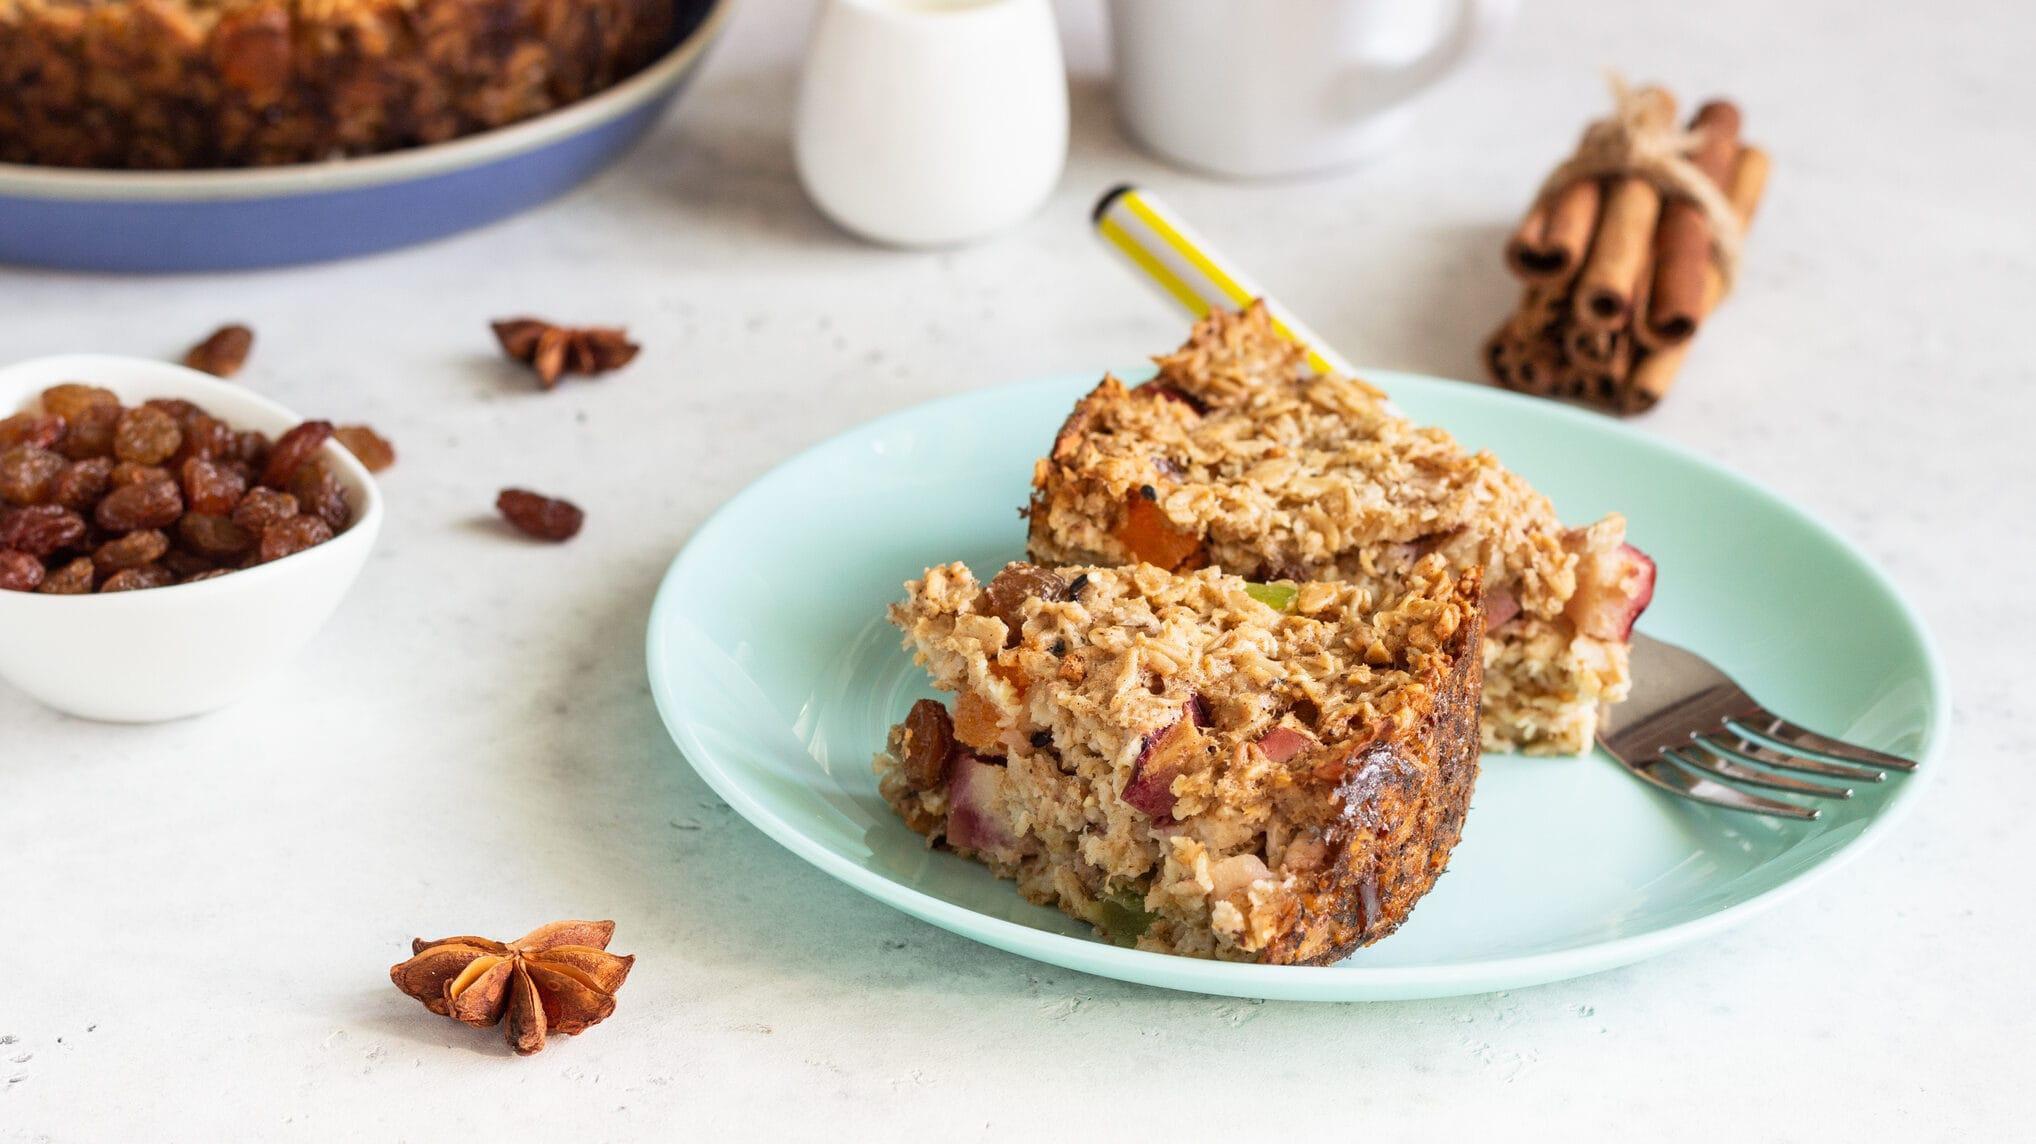 Haferflocken-Kuchen mit Äpfeln vom Blech auf türkisem Teller mit Gabel